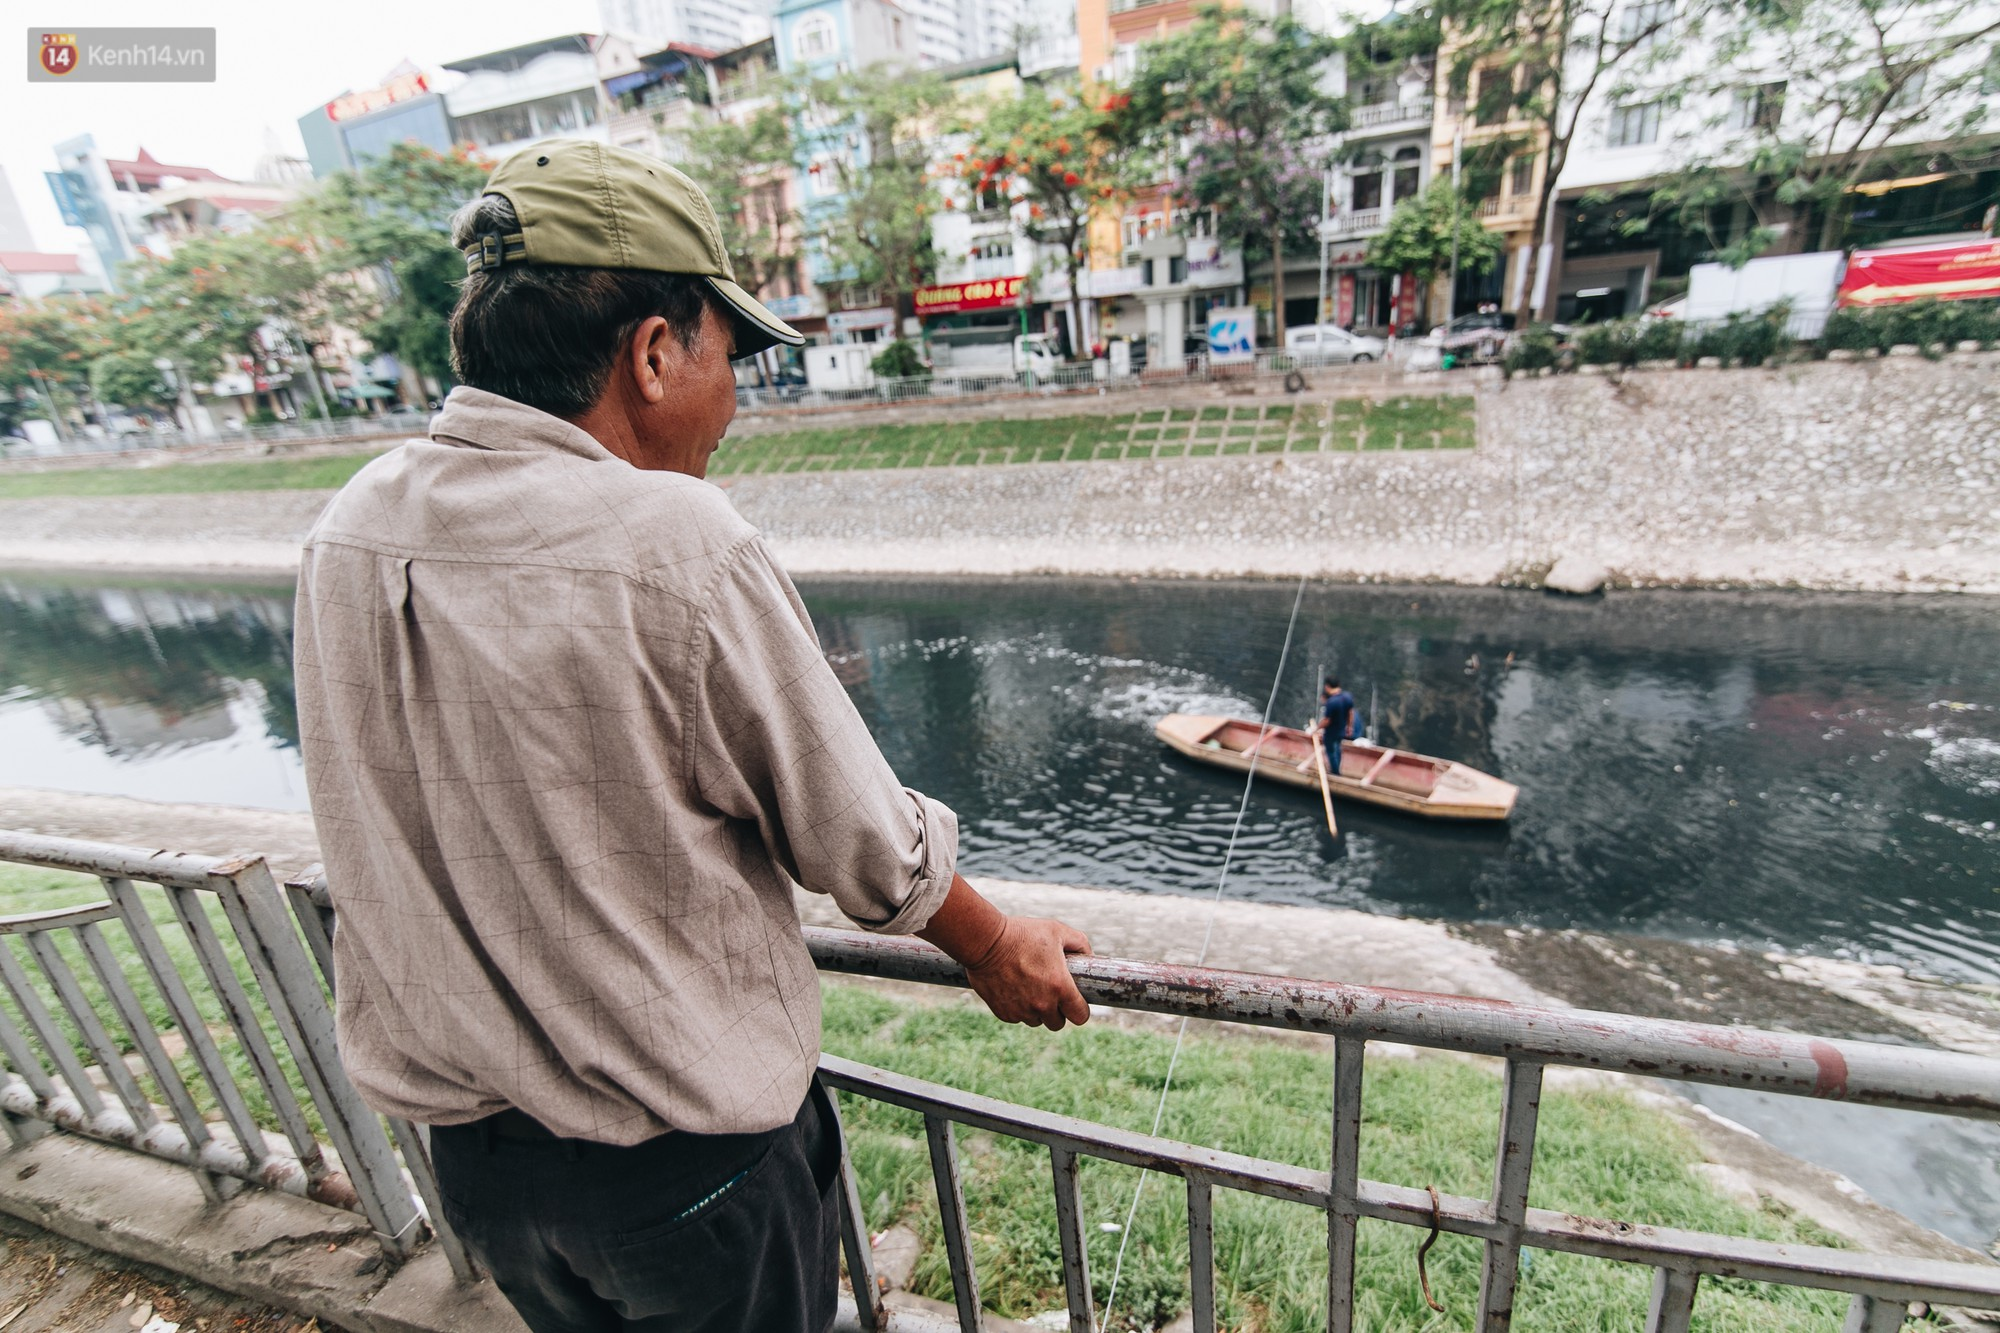 Sau một tuần dùng công nghệ nano làm sạch sông Tô Lịch, người dân vẫn tiếp tục vứt rác xuống - Ảnh 9.